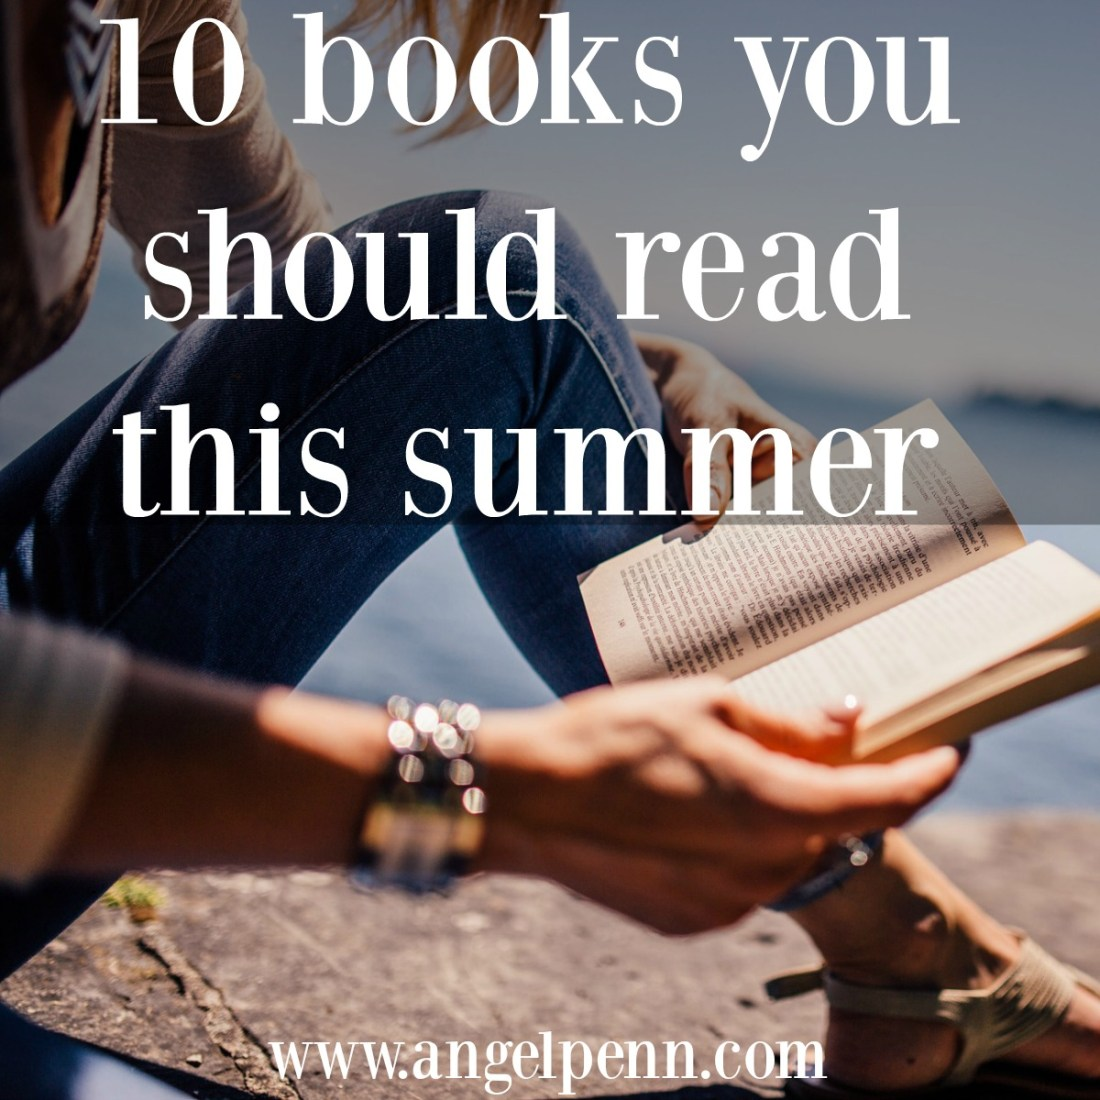 books for summer